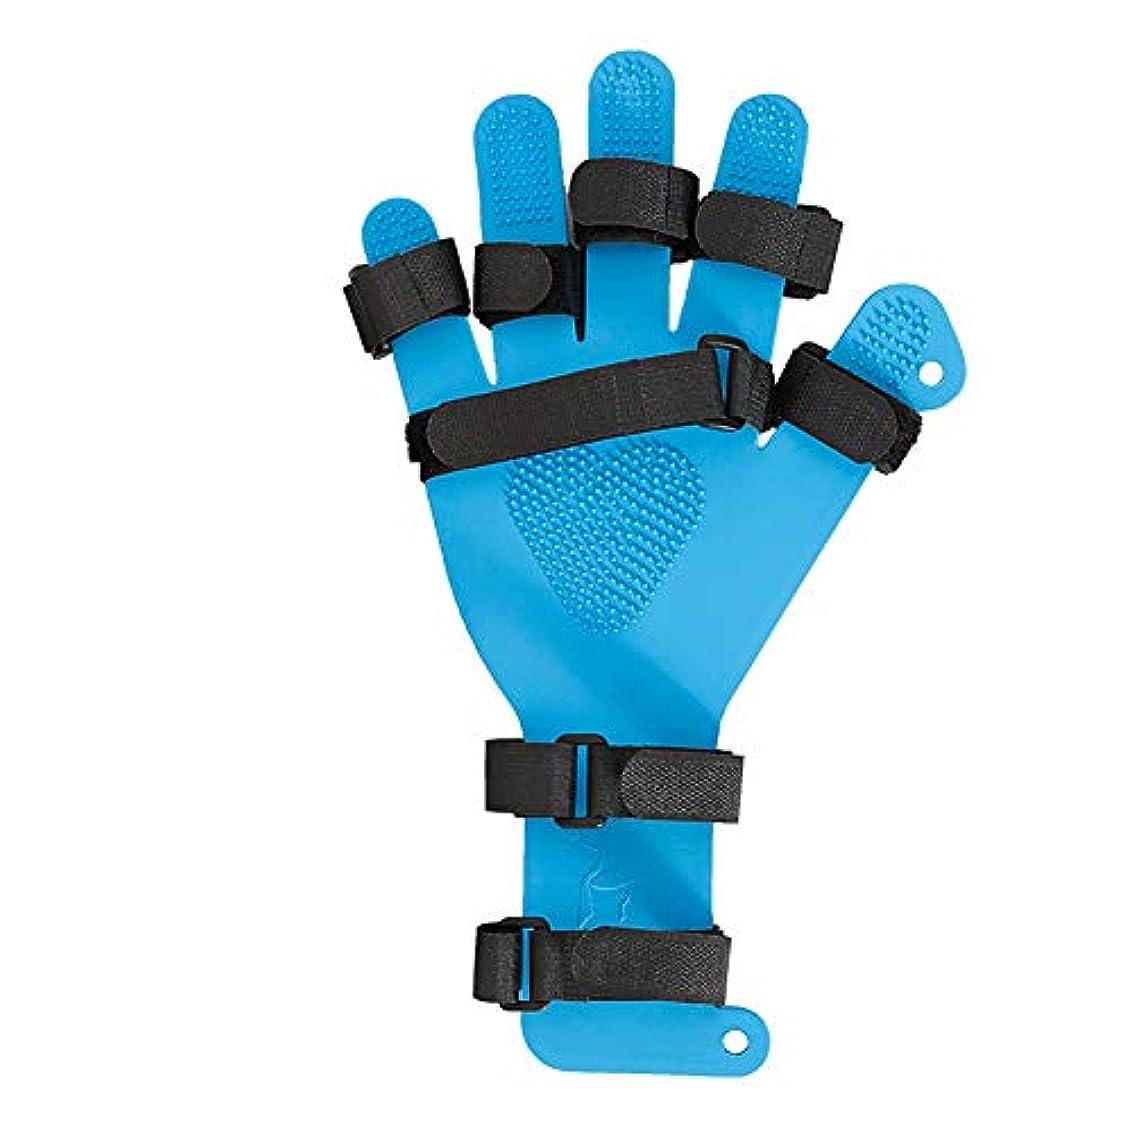 ボット市区町村灰どちらの手のための手の手首のトレーニング装具調節可能指セパレーター拡張ボード - (Size : Child)